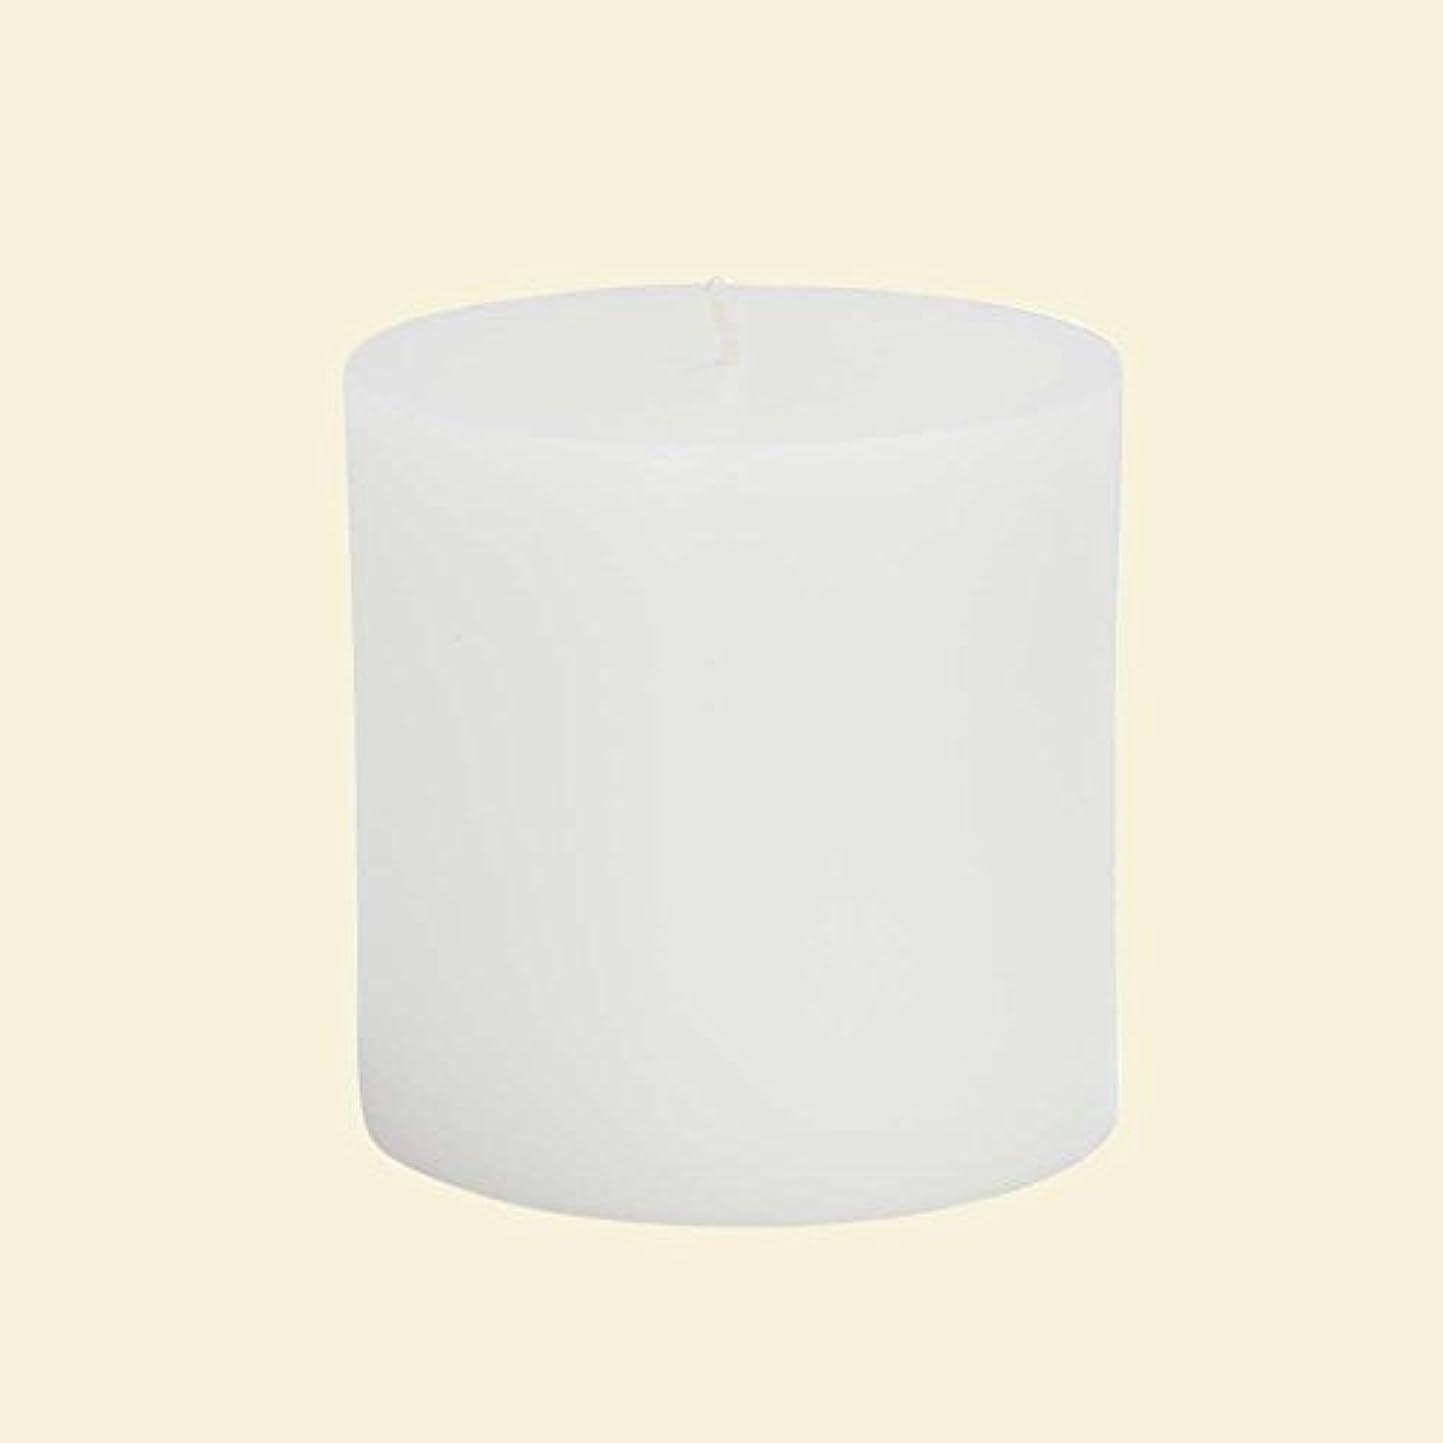 中央個人的なデュアルZest Candle CPZ-071-12 3 x 3 in. White Pillar Candles -12pcs-Case- Bulk